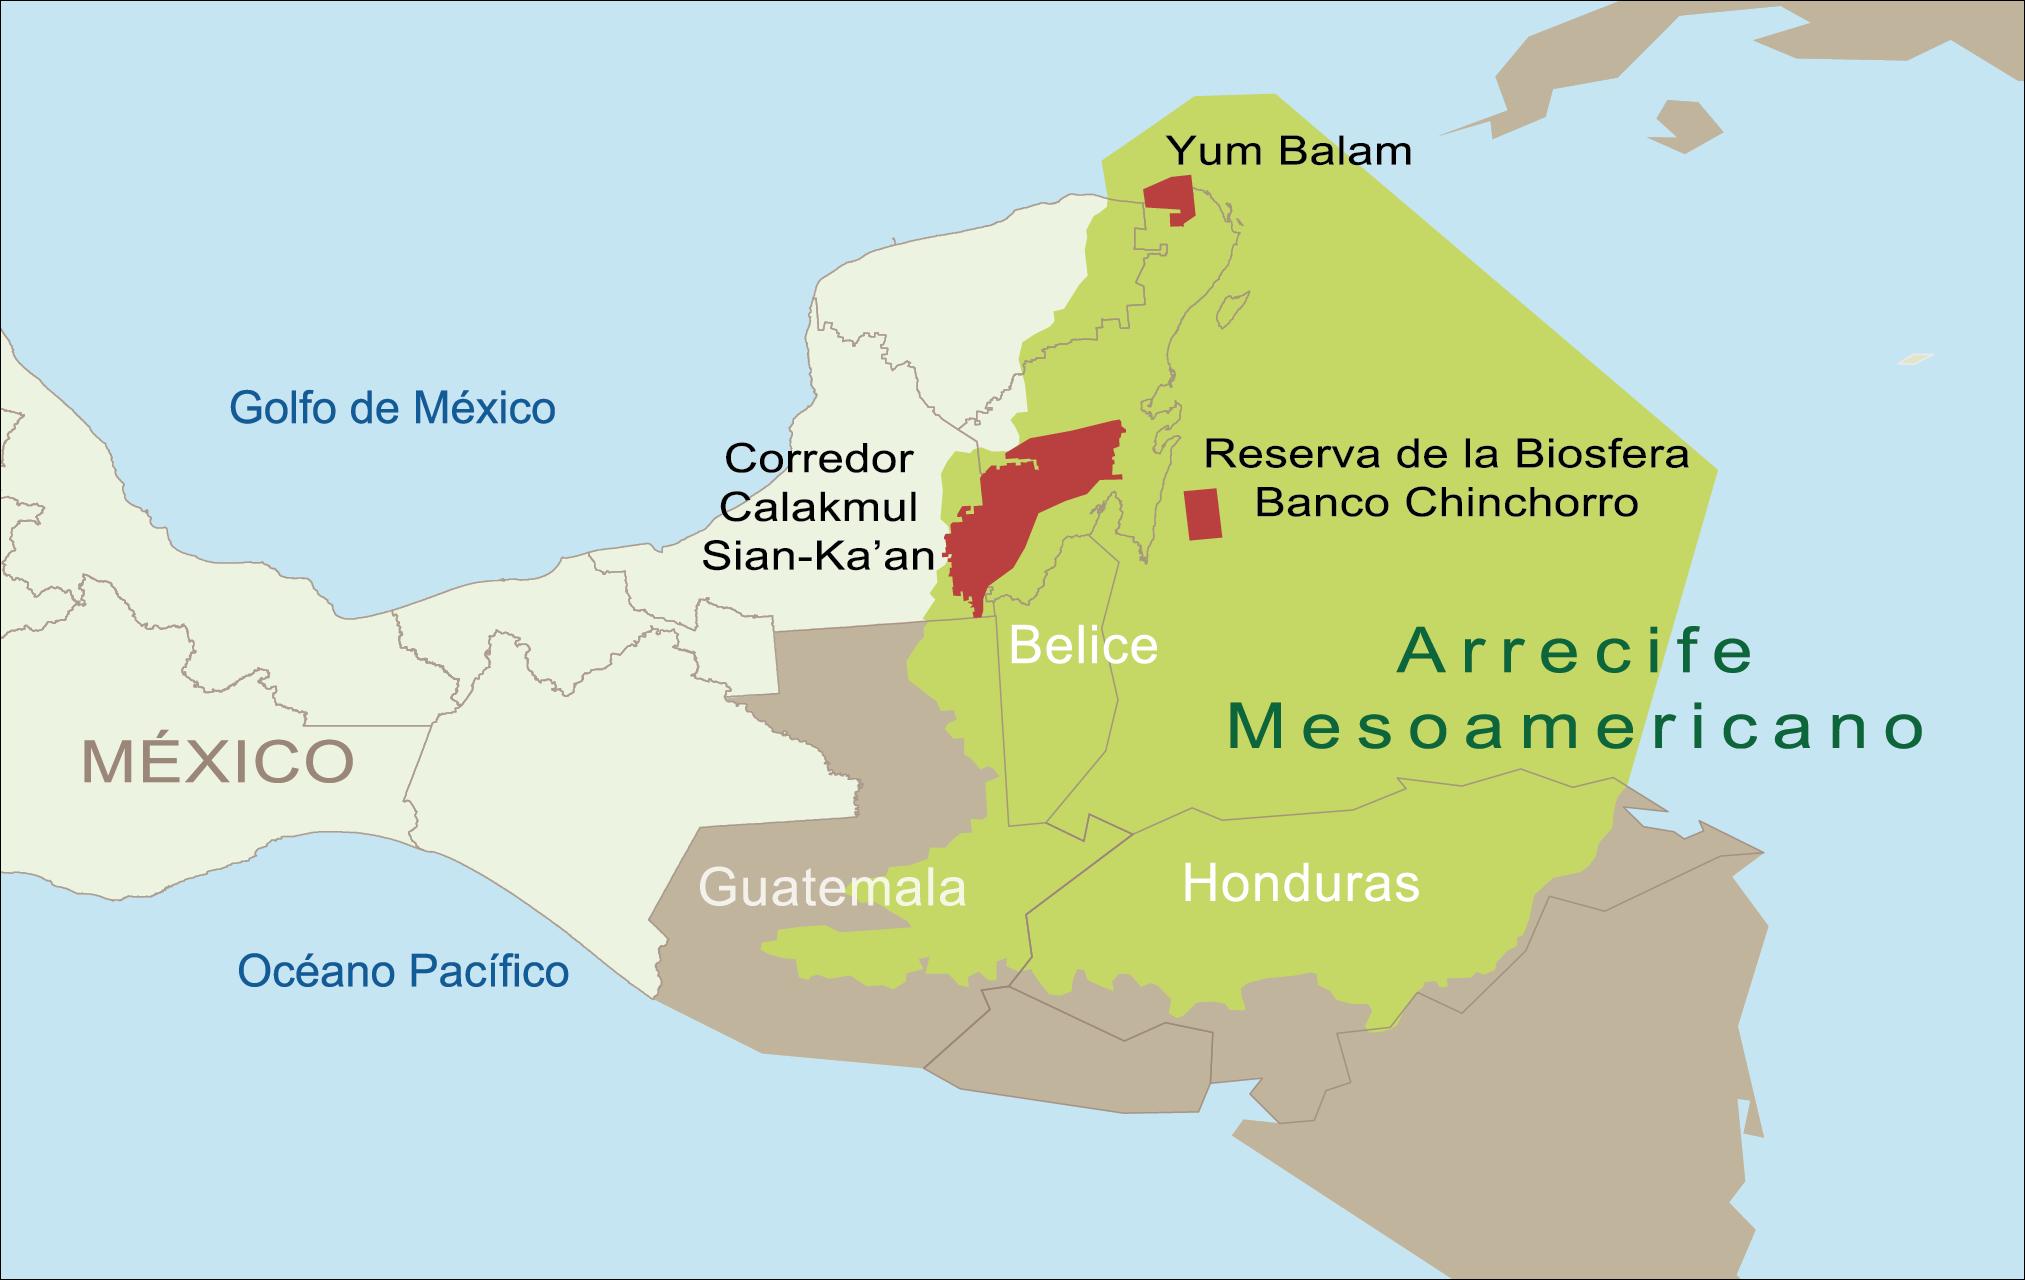 Mapa Arrecife Mesoamericano, áreas de trabajo de WWF México